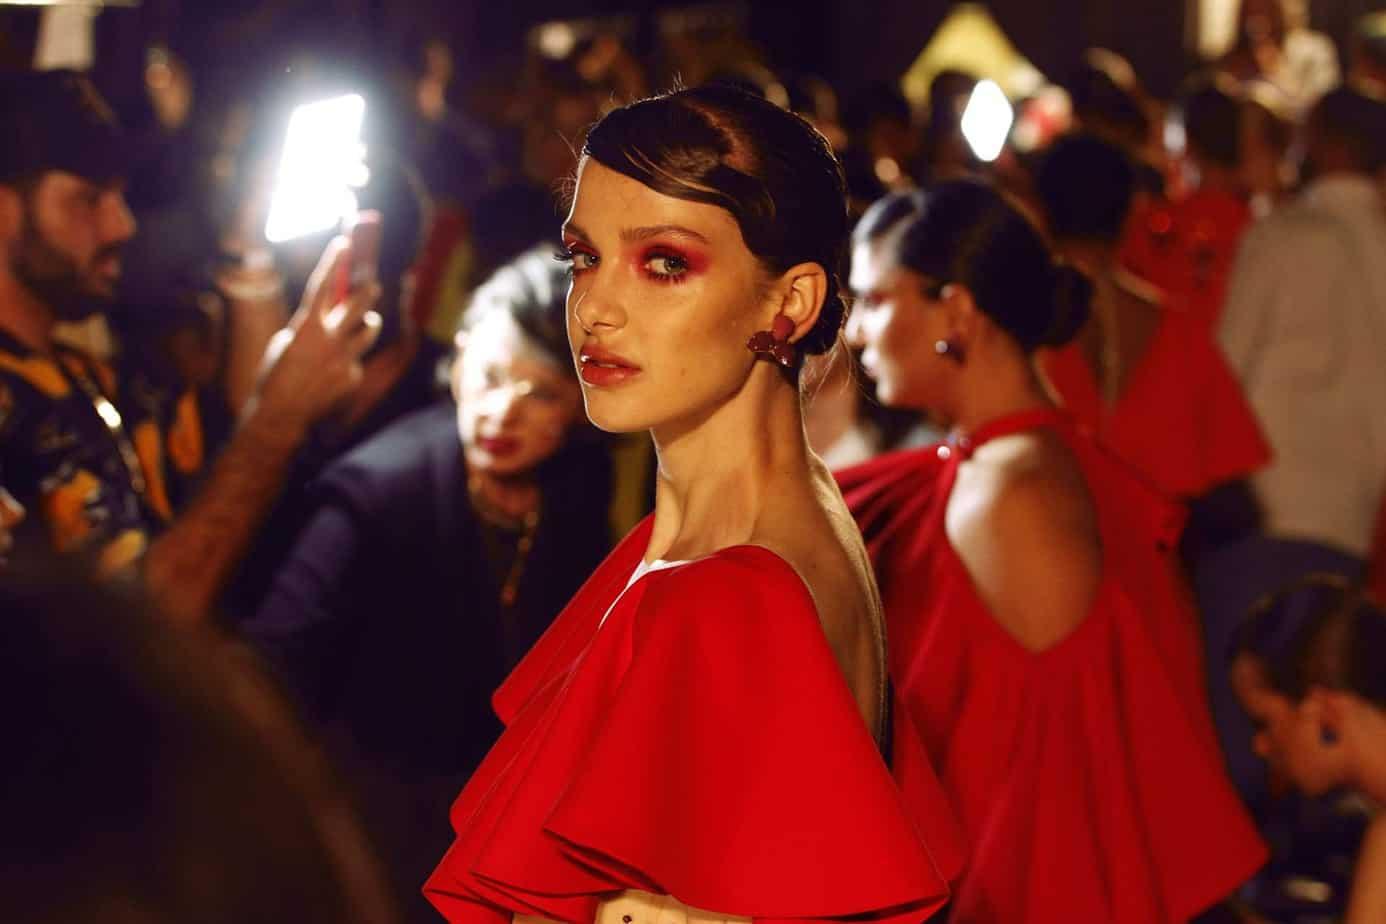 דרור קונטנטו. שבוע האופנה תל אביב. צילום עומר רביבי - 13